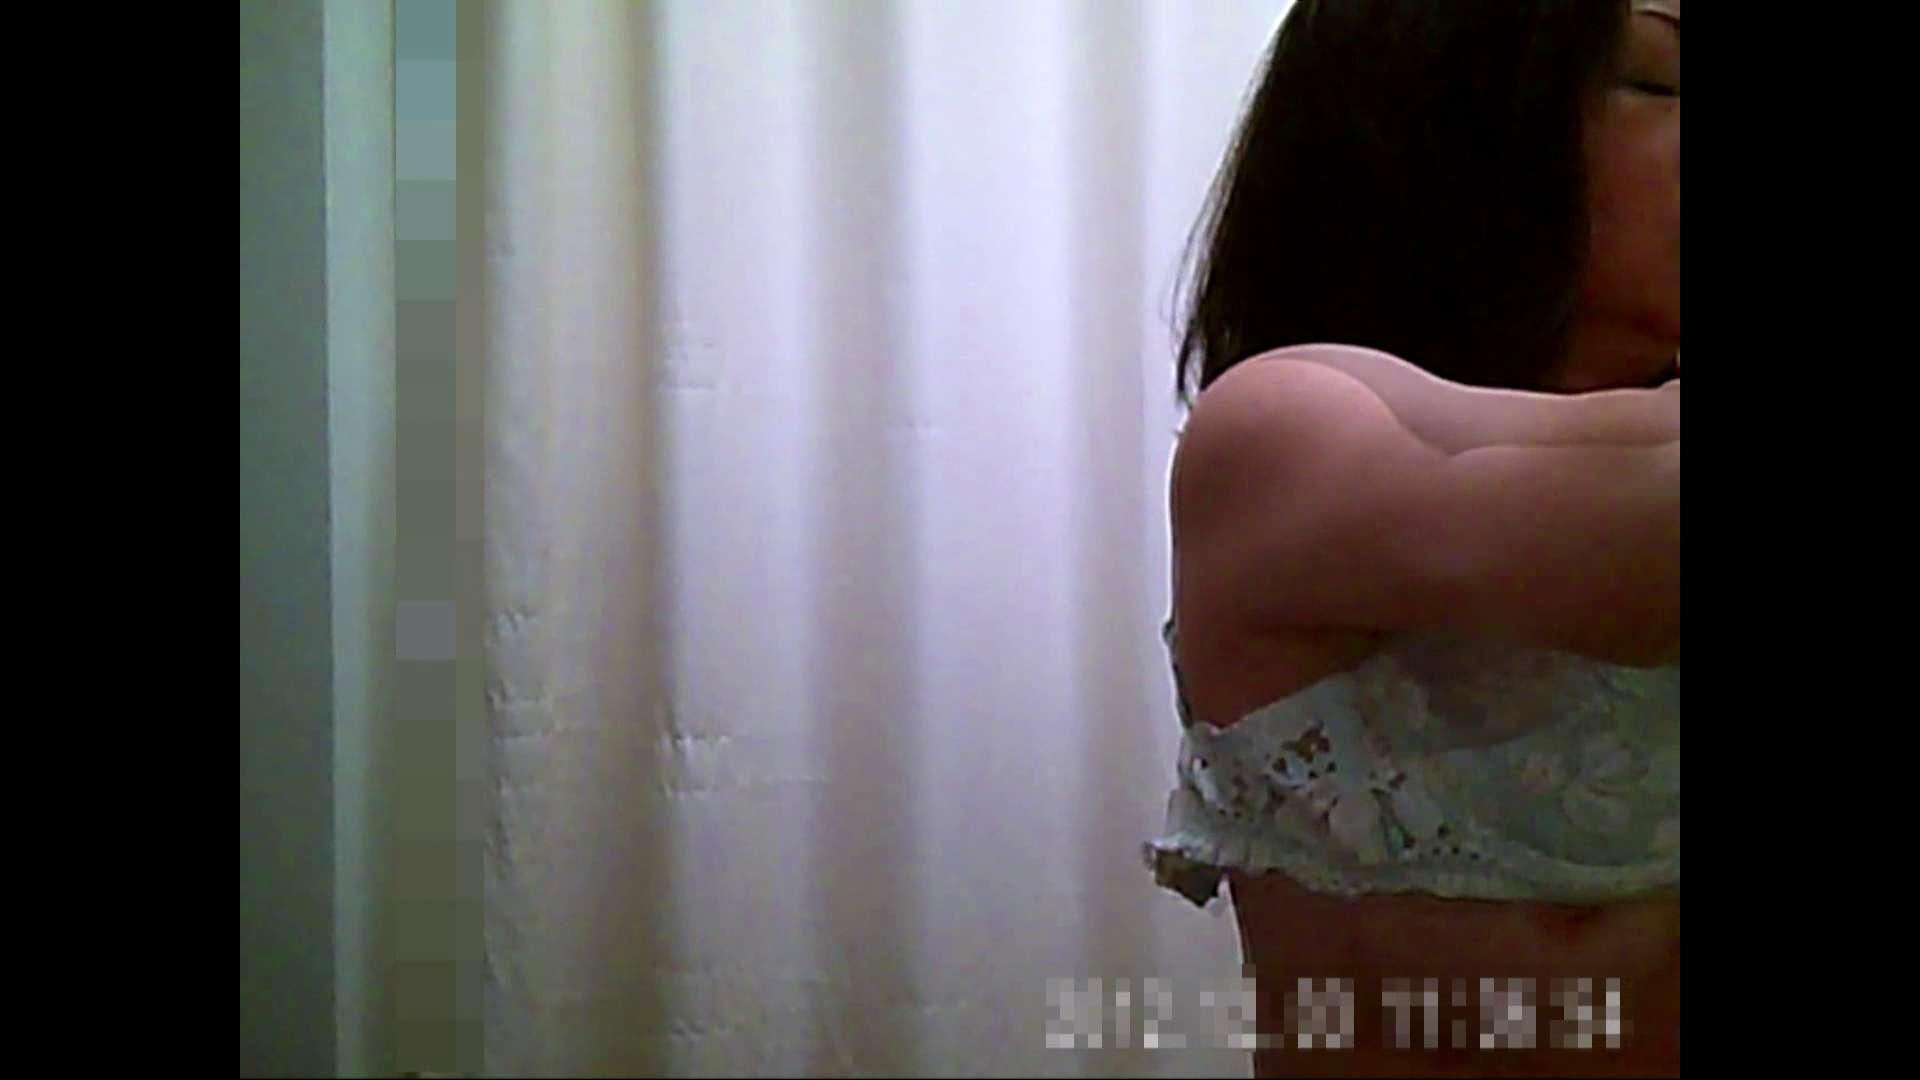 元医者による反抗 更衣室地獄絵巻 vol.130 OLハメ撮り  30Pix 8